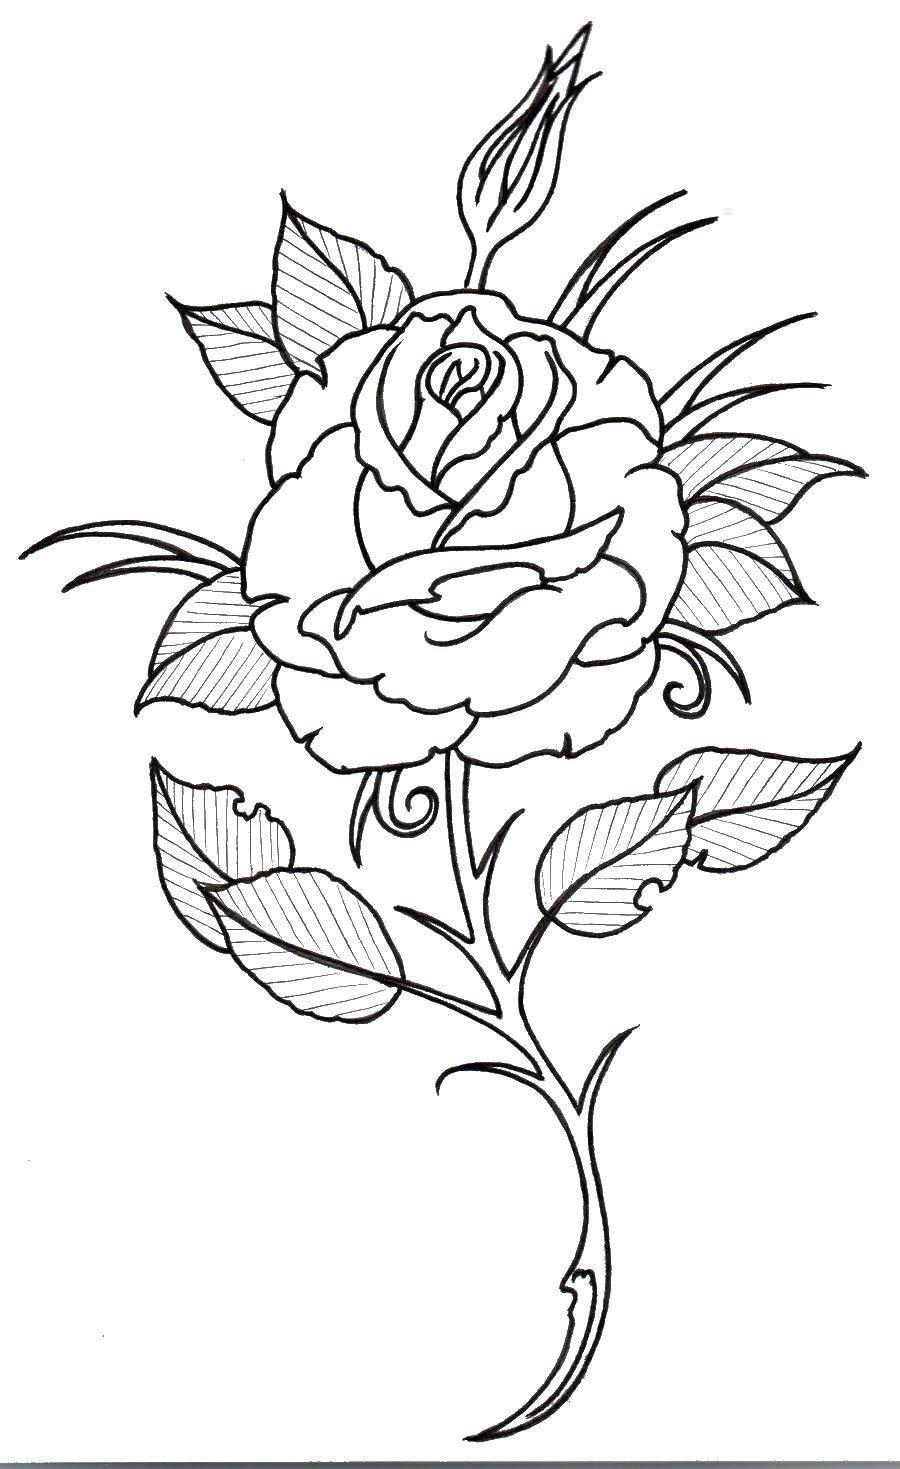 Раскраска Контуры розы Скачать платья, одежда.  Распечатать ,Платья,